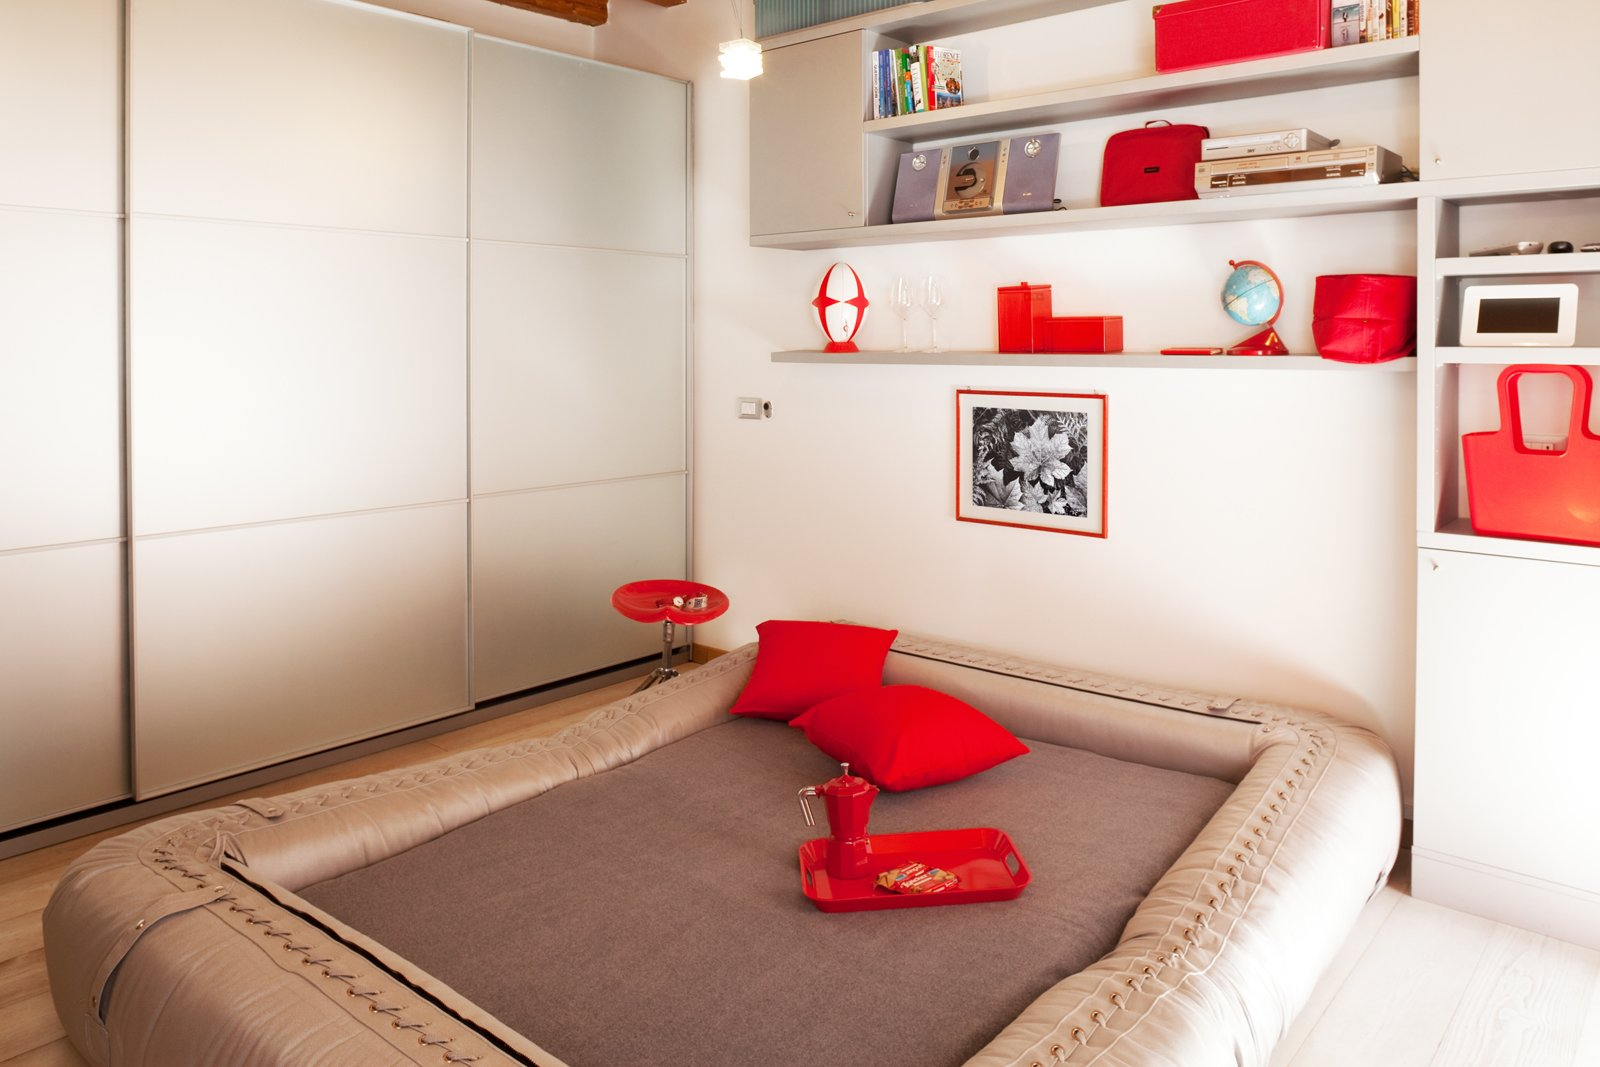 Monolocale di 25 mq con soluzioni salvaspazio cose di casa - Divano letto per monolocale ...